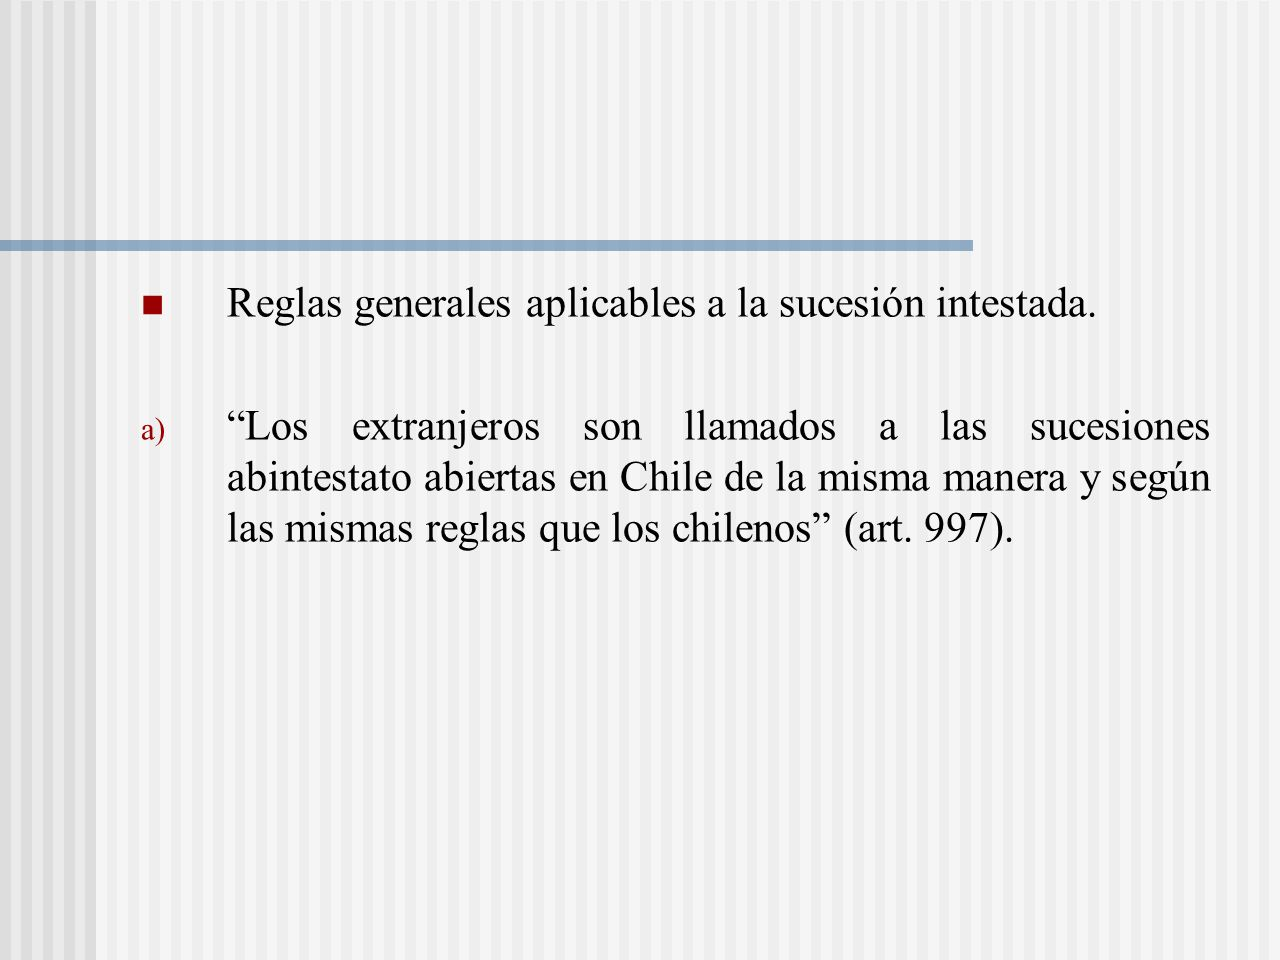 Reglas generales aplicables a la sucesión intestada.